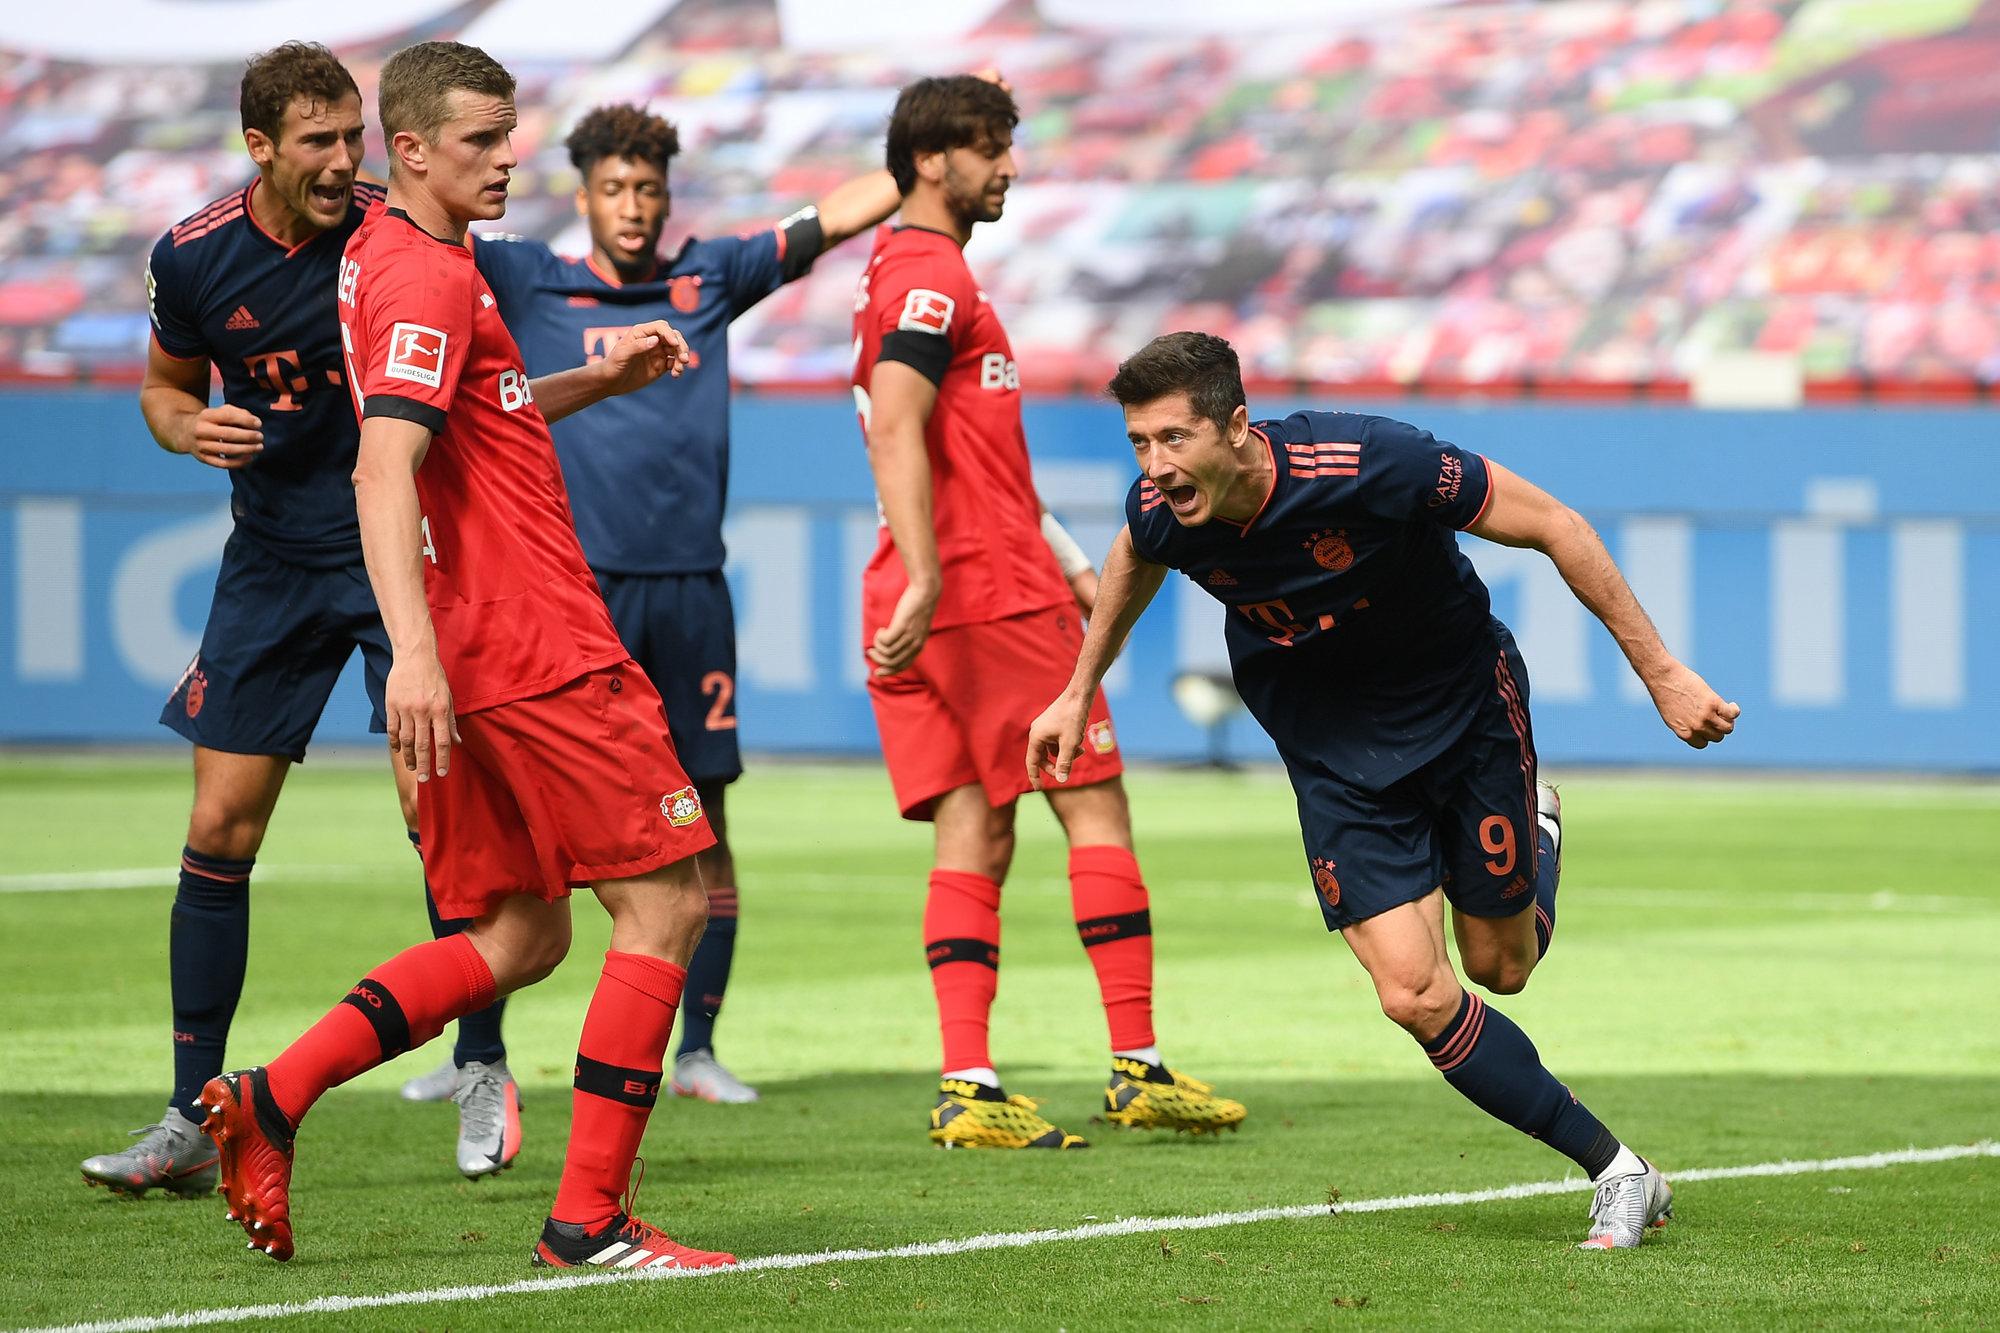 Палачи против неудачников. Чего ждать от финала кубка Германии?